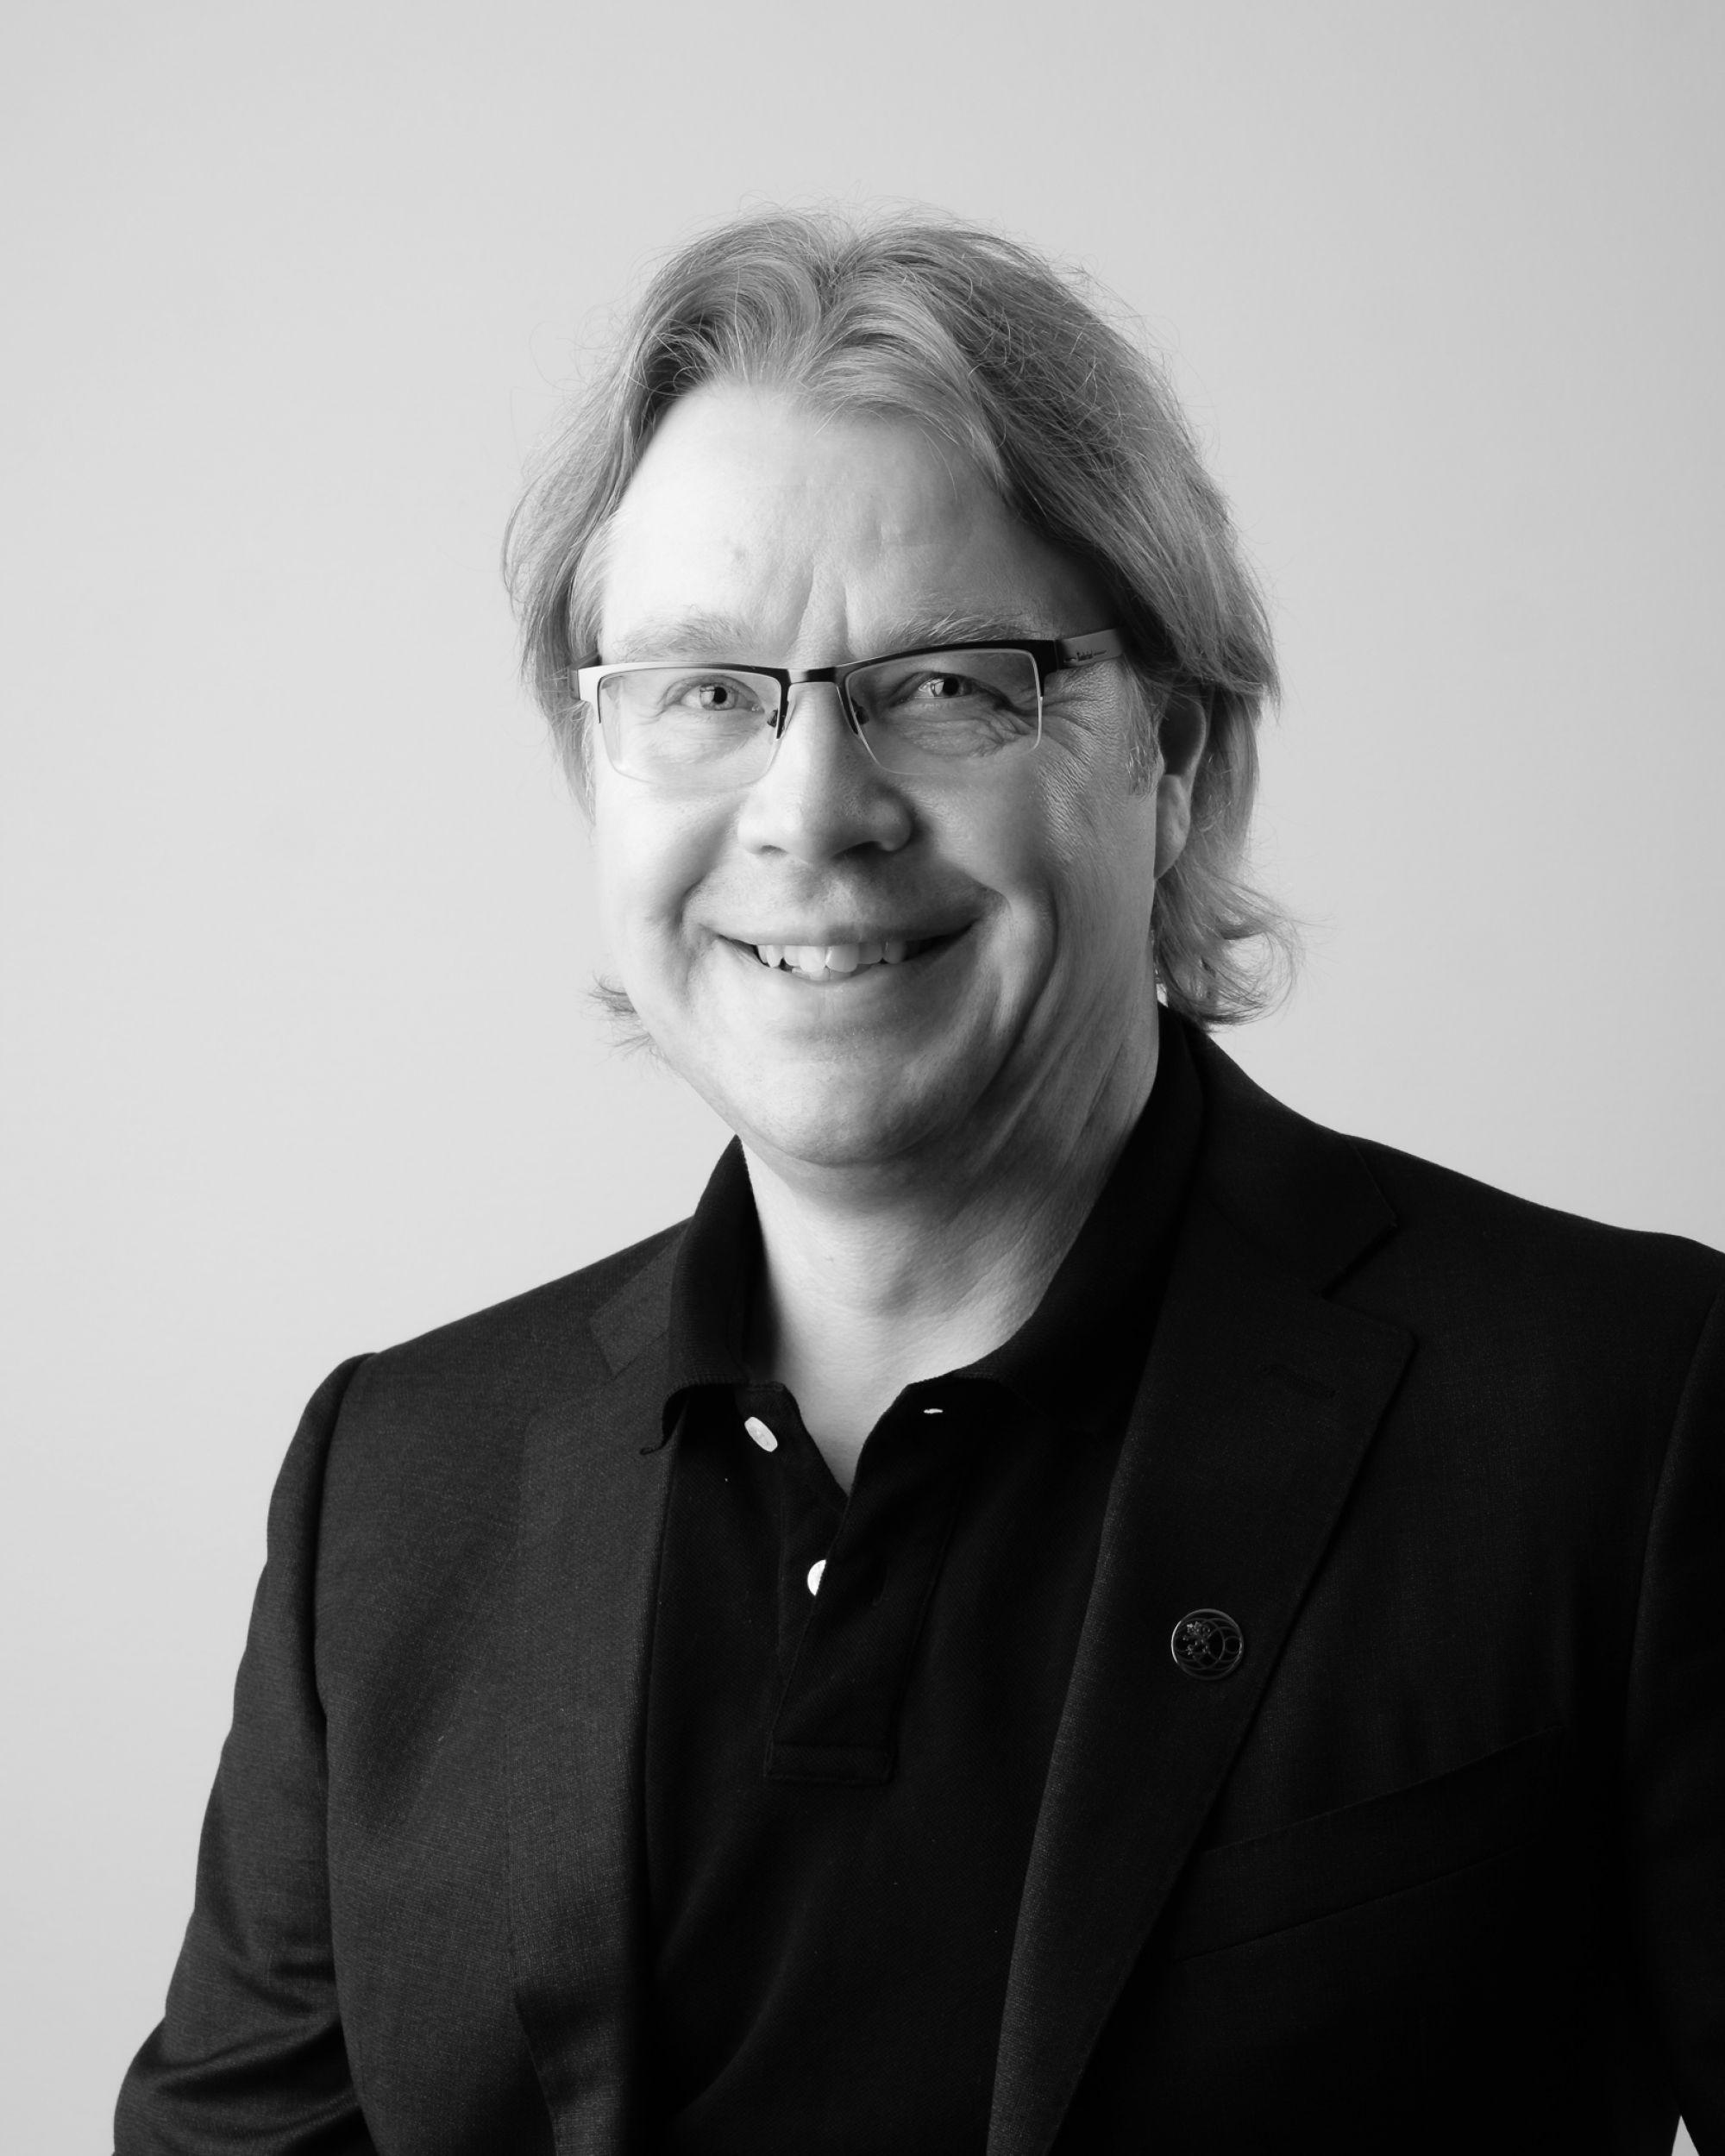 Jussi Hietalahti